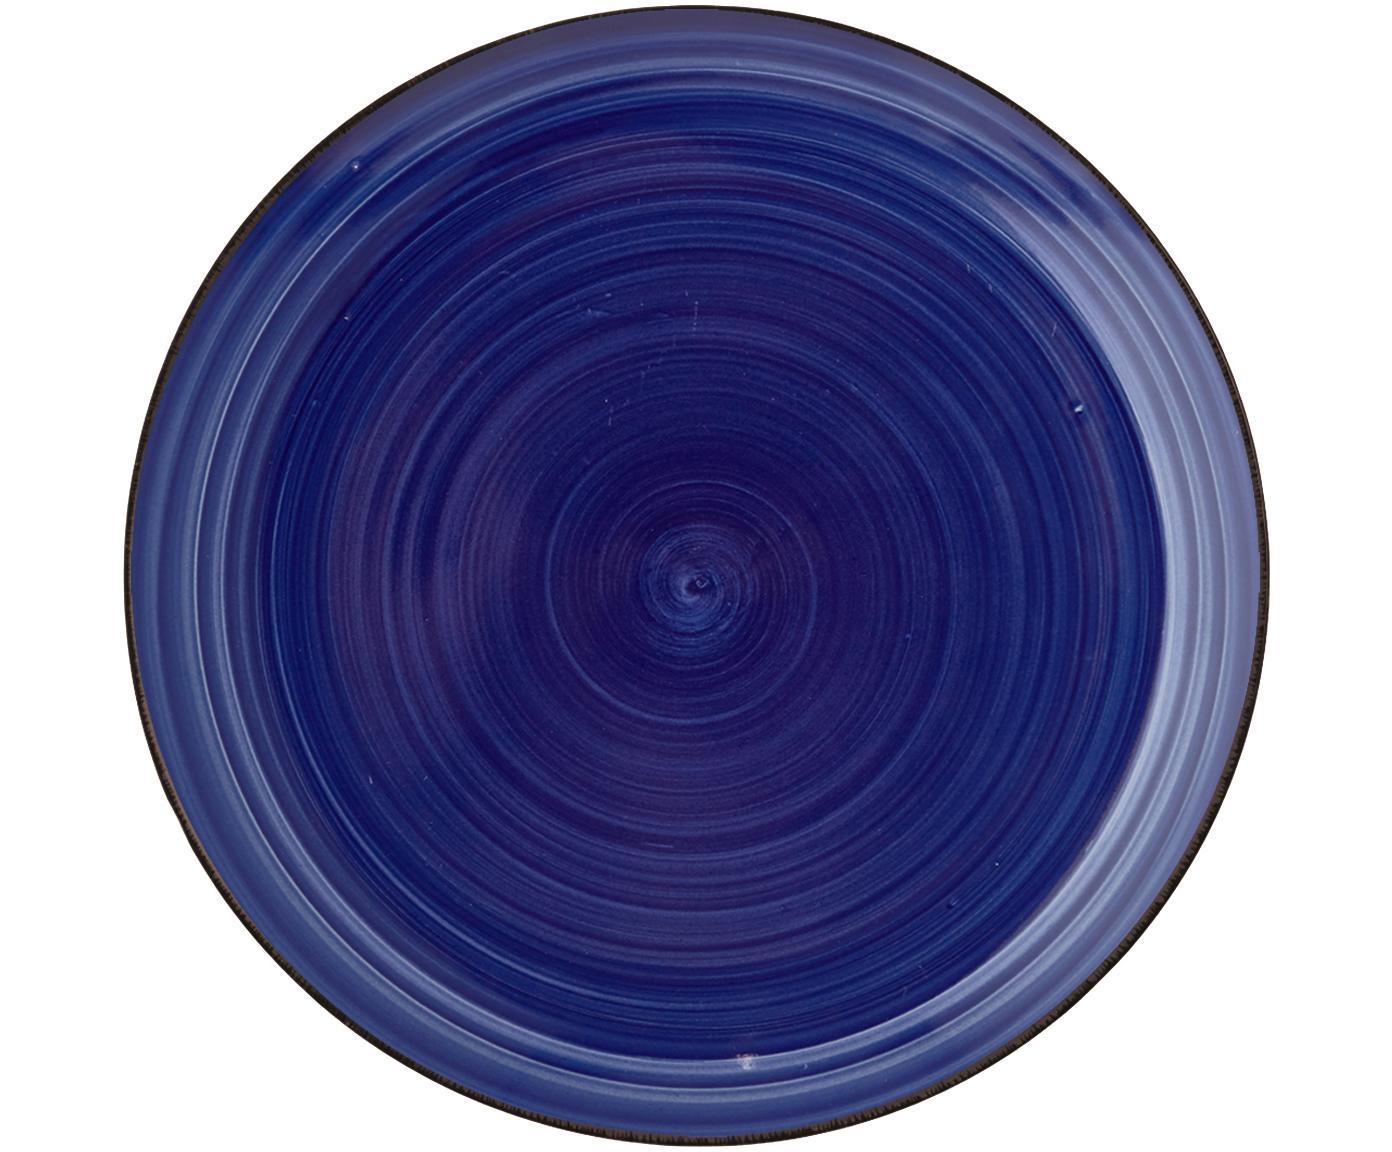 Handbemalte Frühstücksteller Baita in Blau, 6 Stück, Steingut (Dolomitstein), handbemalt, Blau, Ø 20 cm